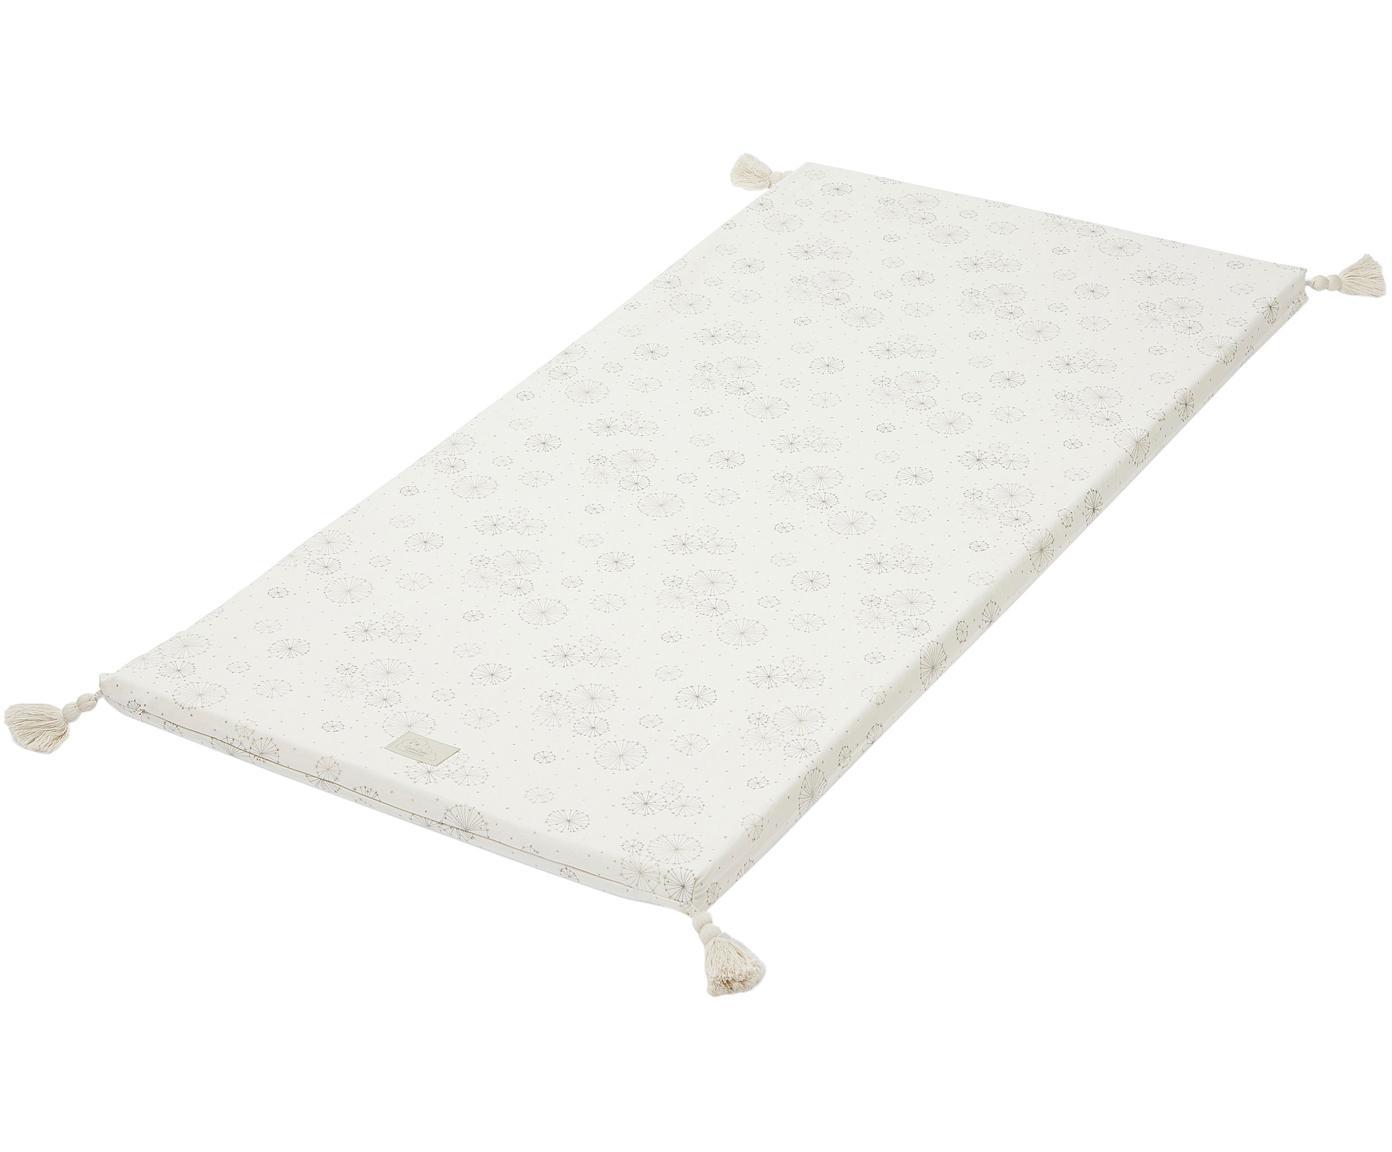 Hrací deka zorganické bavlny Dandelion, Krémová, béžová